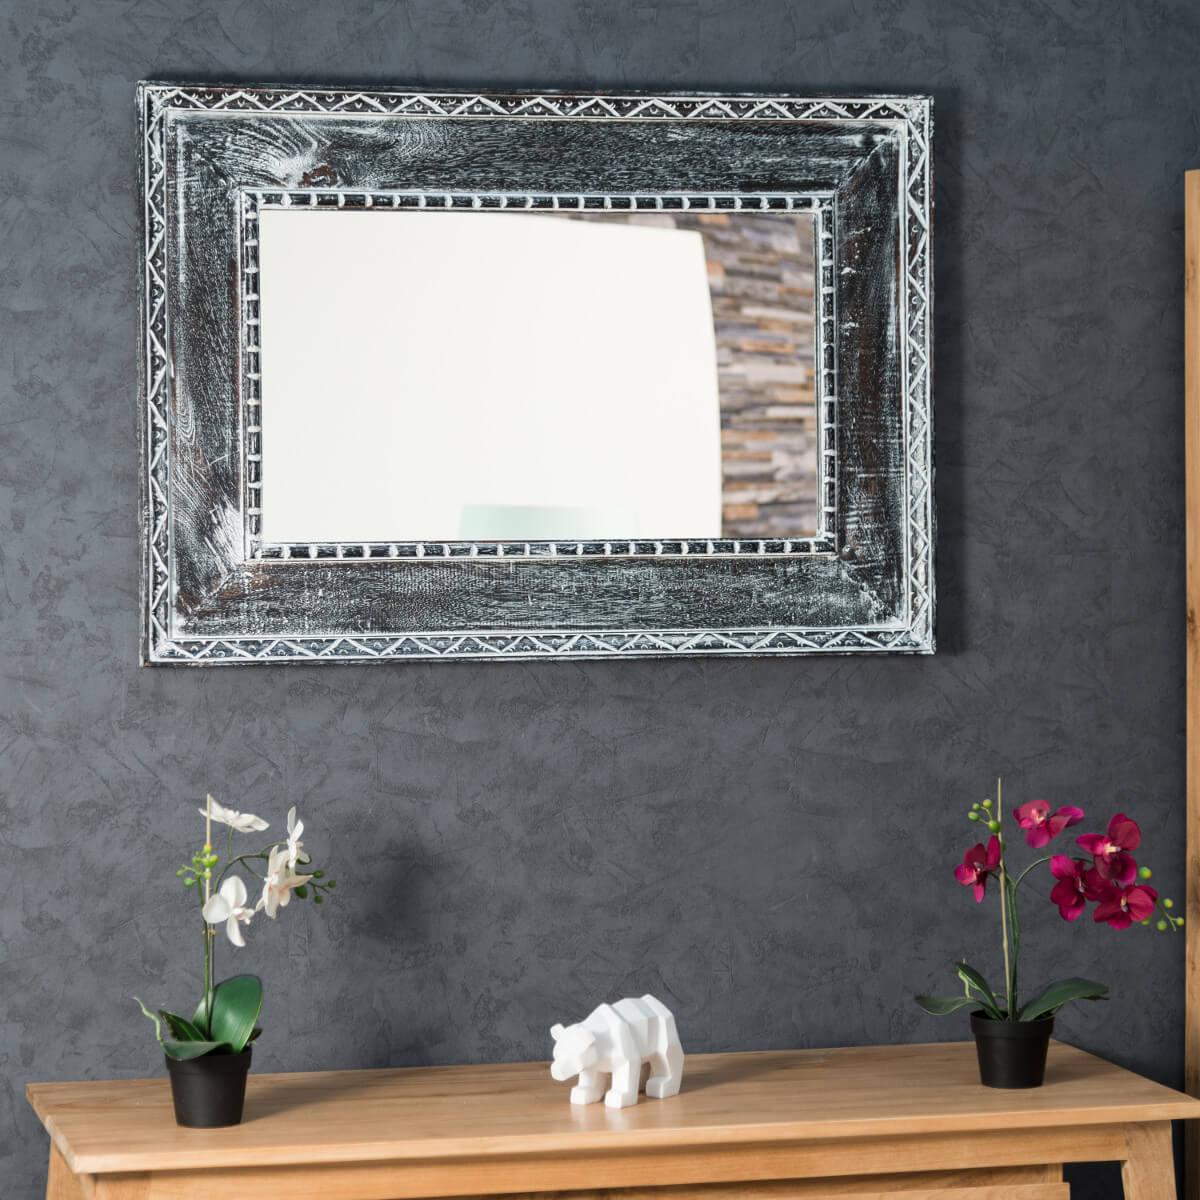 Miroir palerme en bois patin gris c rus 100cm x 70cm for Miroir 70 cm